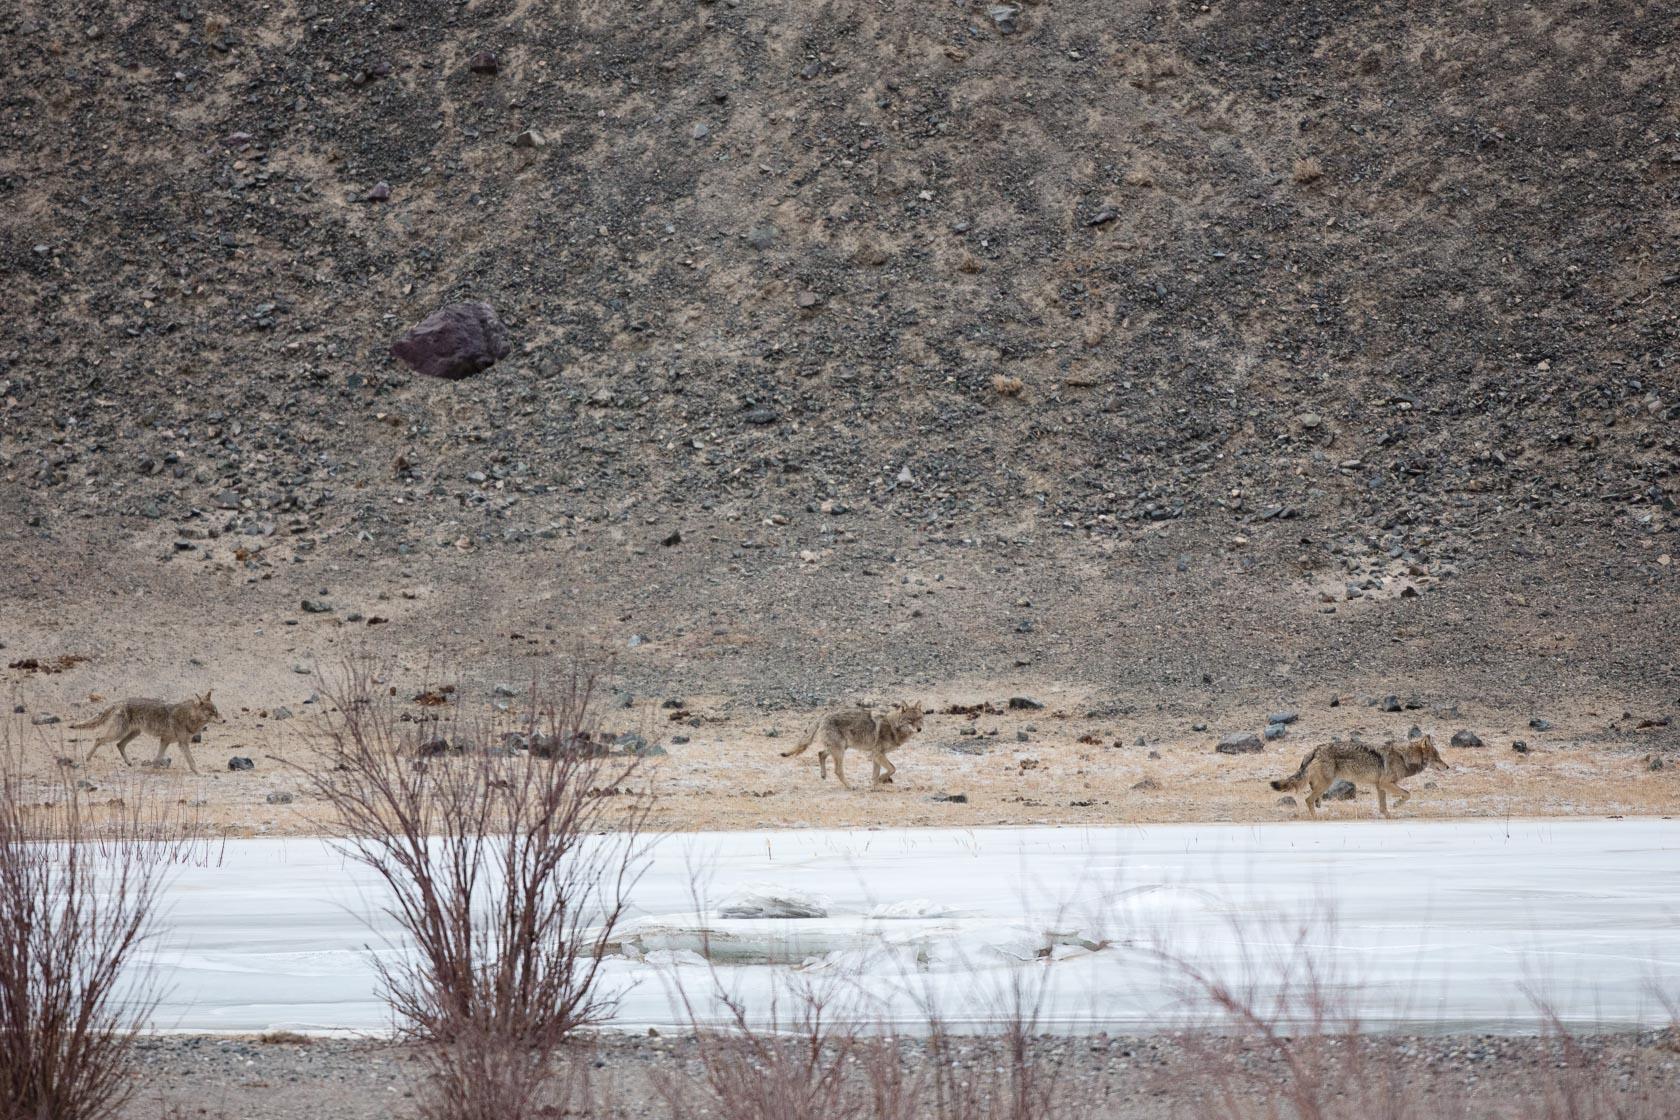 meute de loups du Tibet (Canis lupus shanku) dans la haute vallée de l'Indus au Ladakh